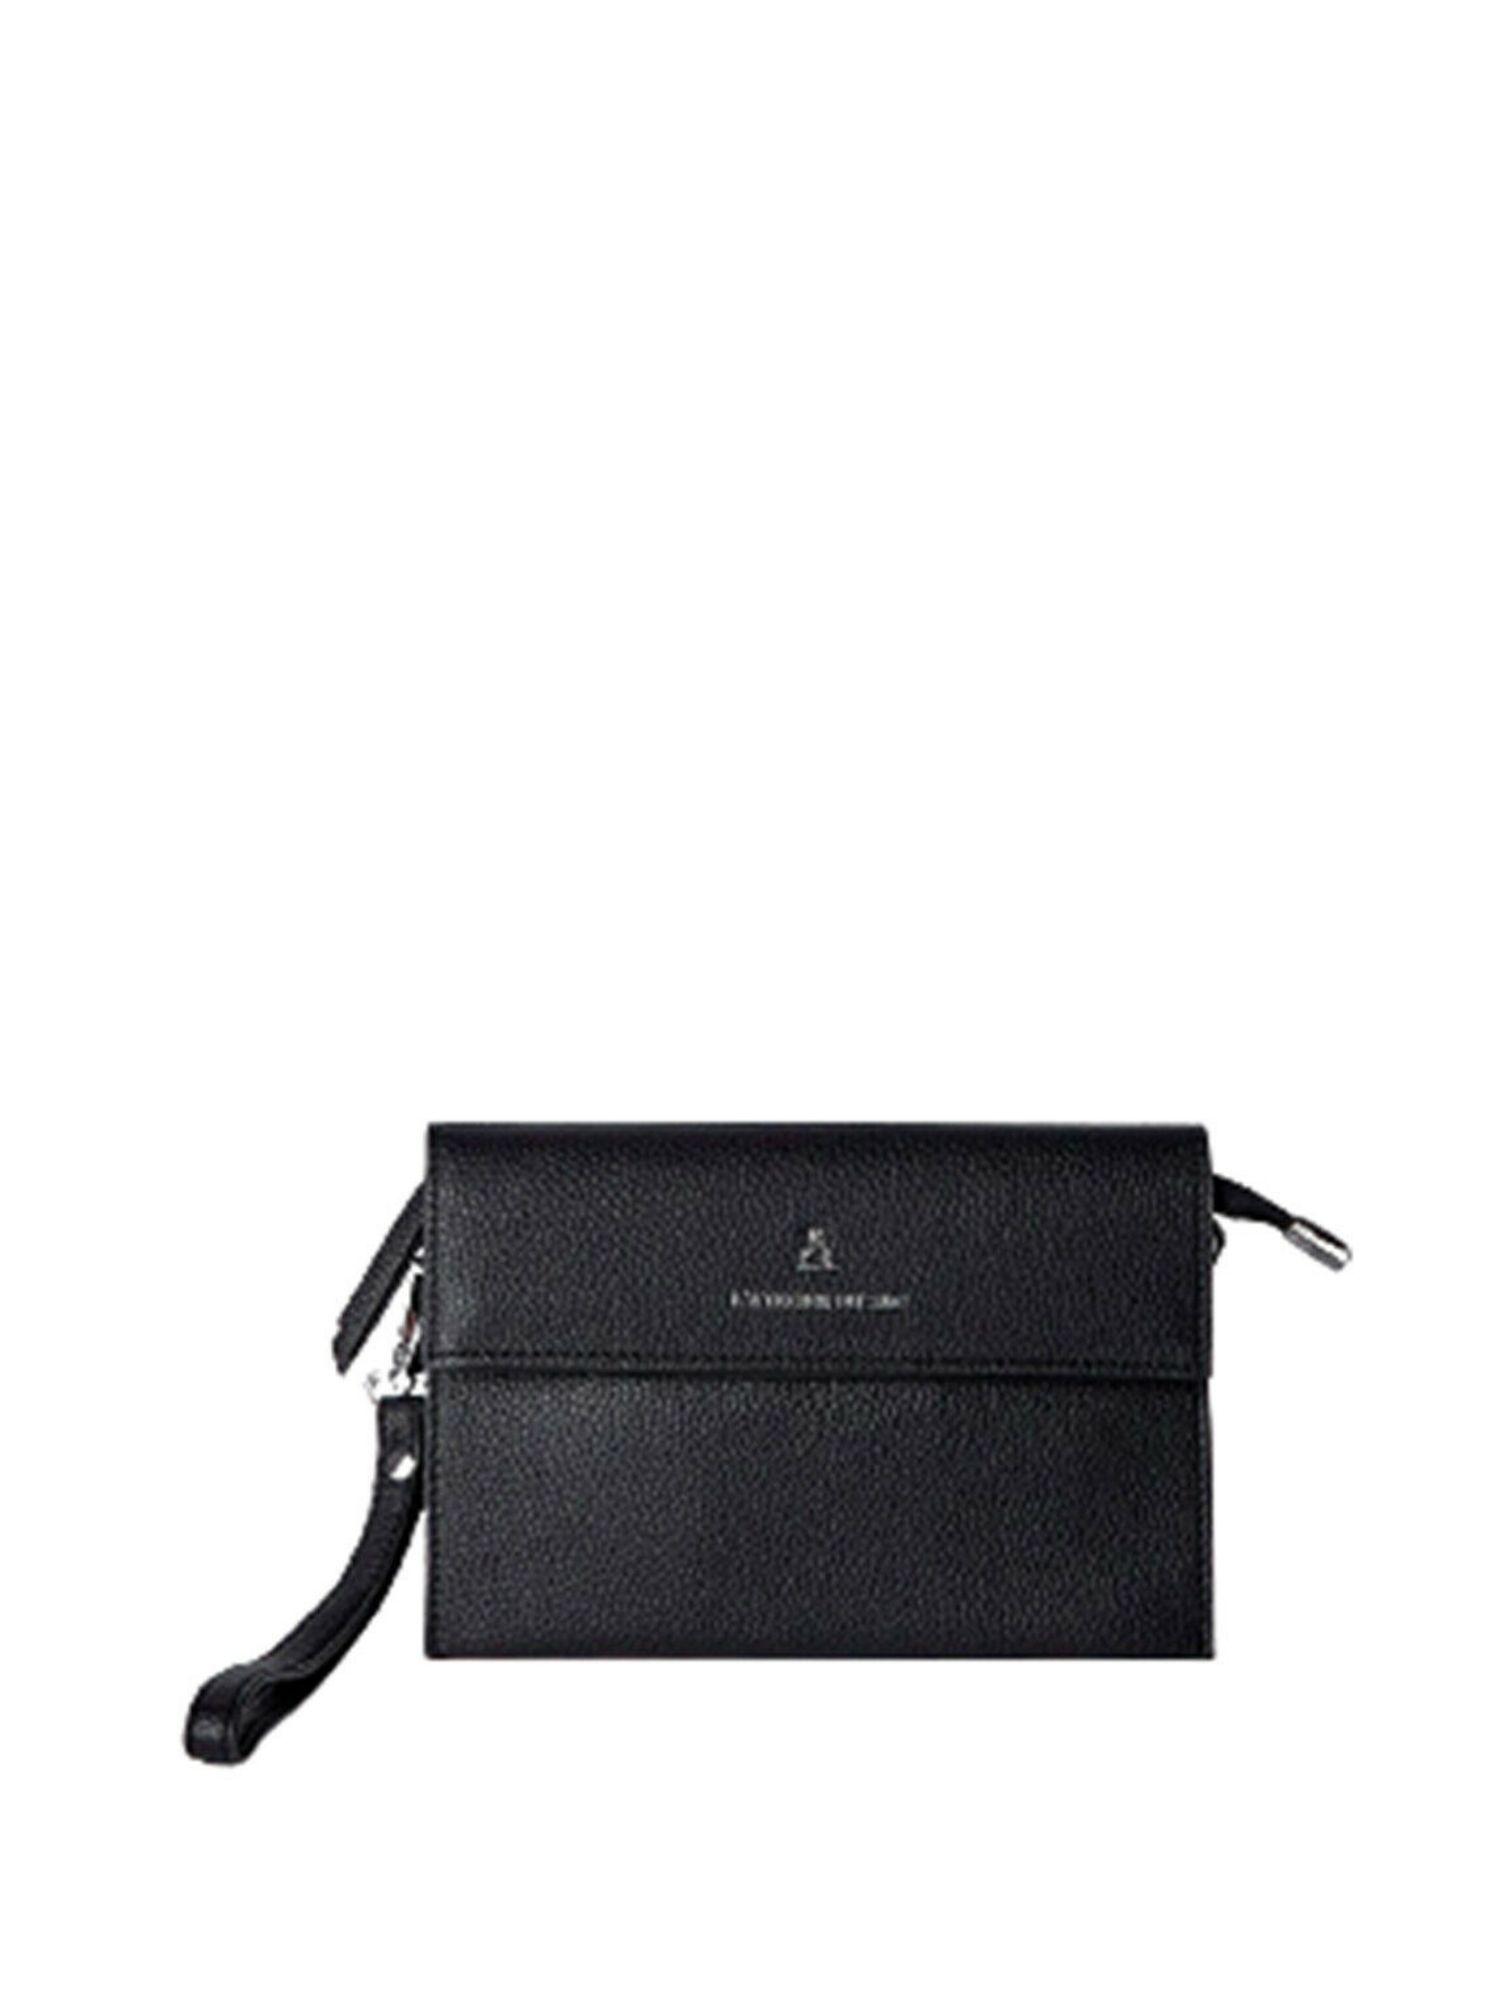 Borsa Atelier Du Sac Pash Bag 10819 Nero